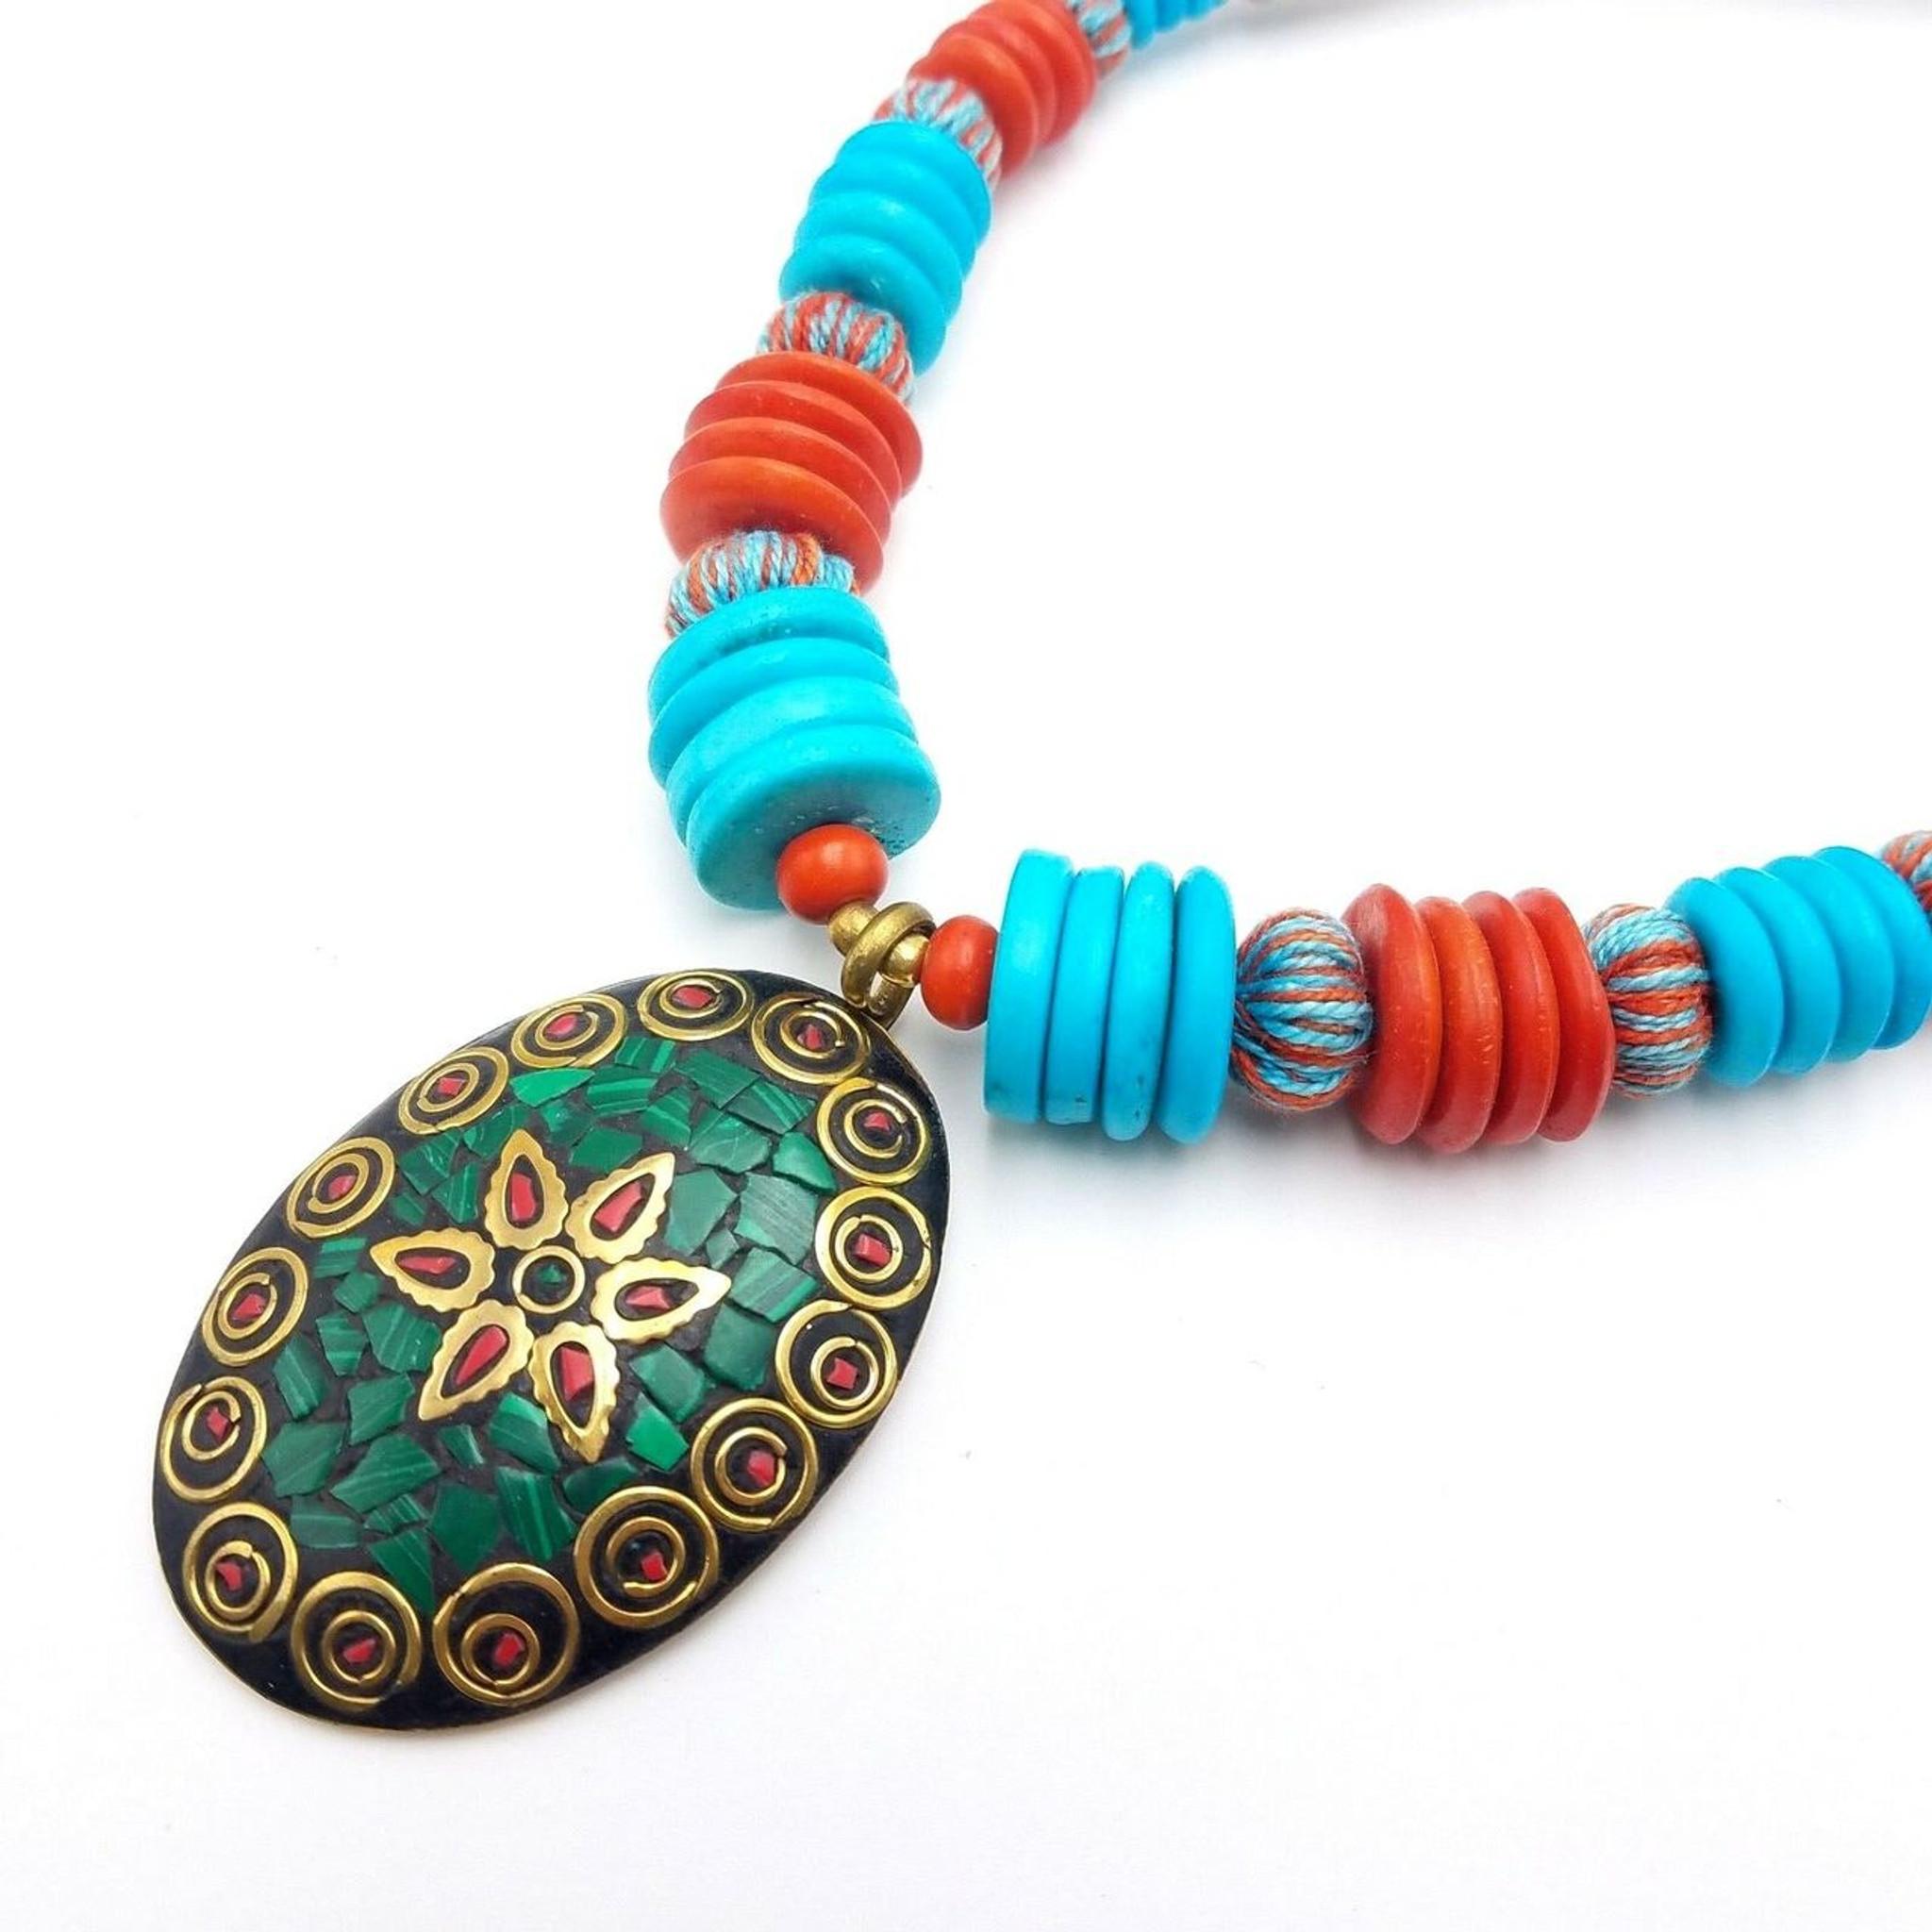 Tina Mosaic Pendant Necklace